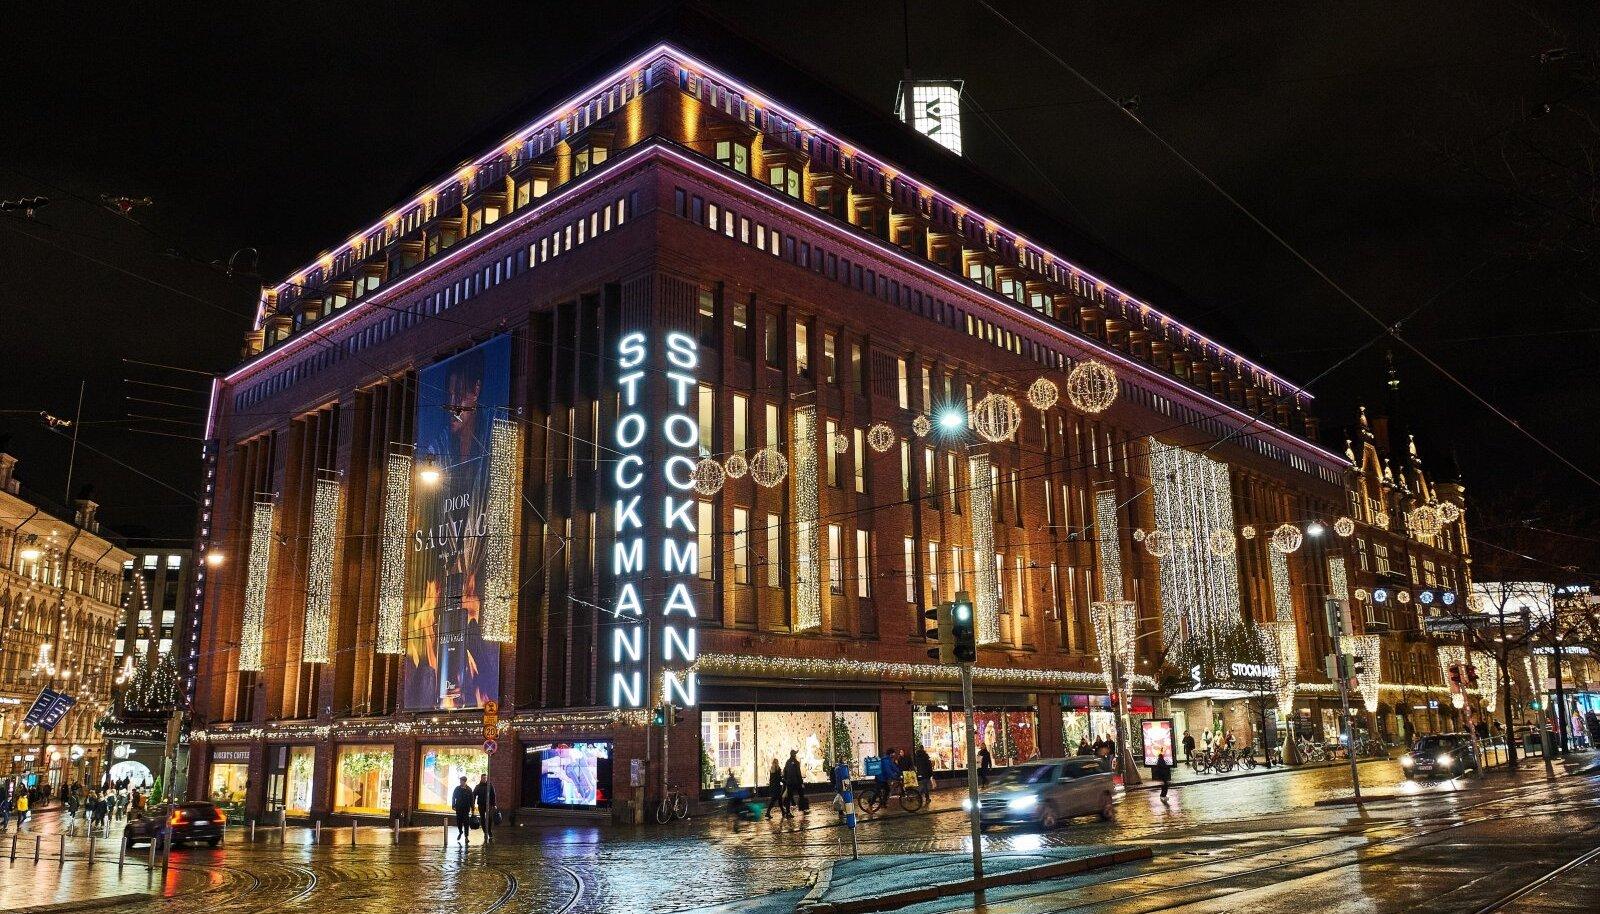 Helsingi Stockmanni jõuluaknad